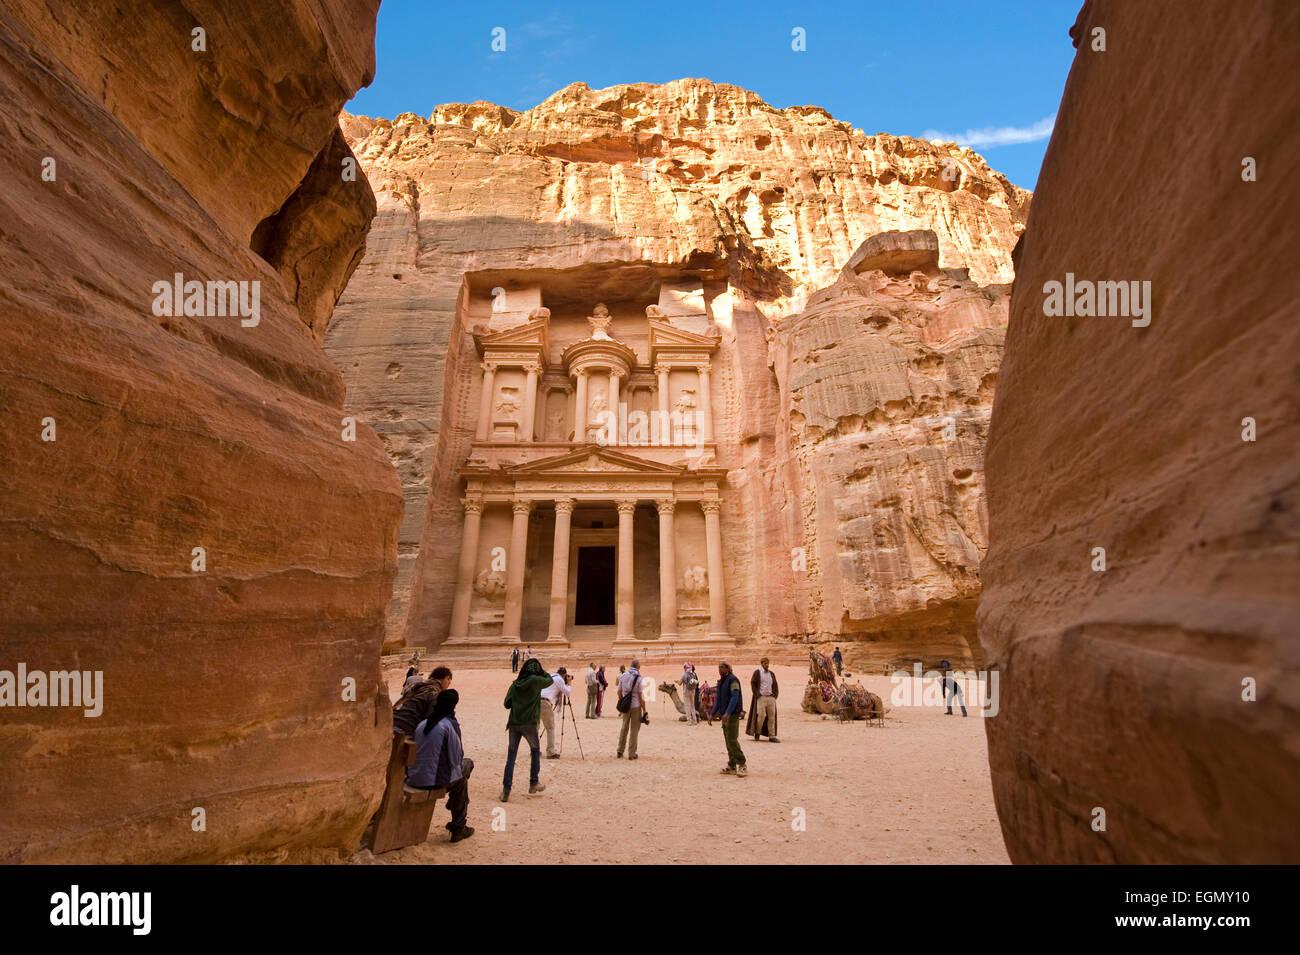 El tesoro también se llama al Khazna, es la más famosa y magnífica fachada en Petra Jordania Foto de stock